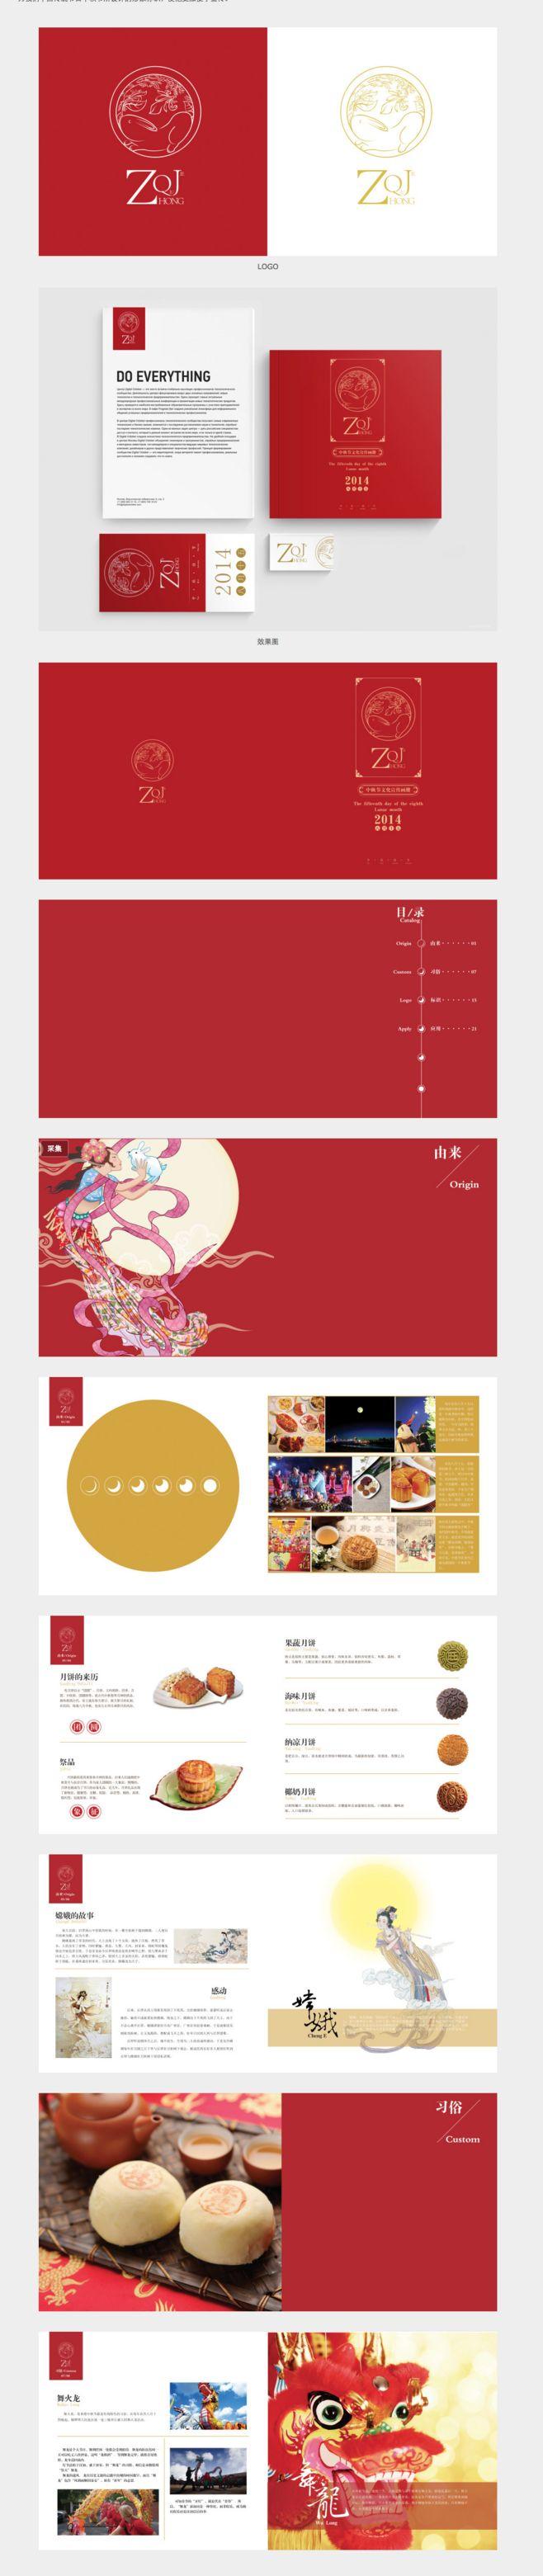 毕业设计《中秋节文化宣传》 书装/画册 ...@zy5495采集到画册(260图)_花瓣平面设计